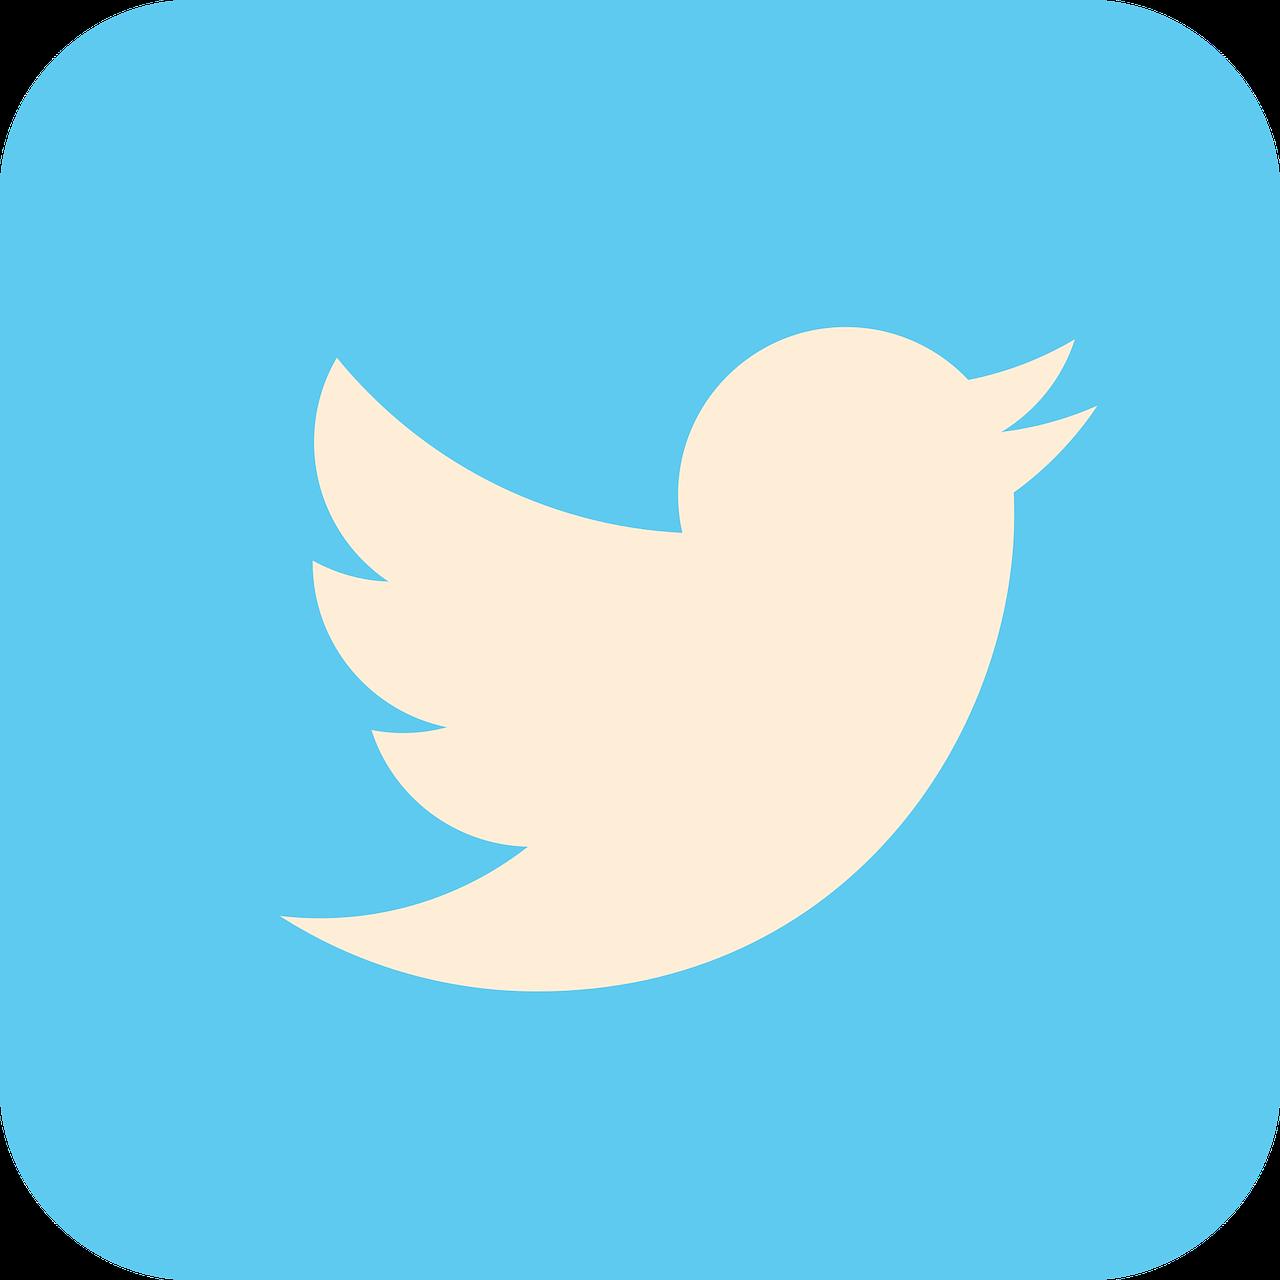 Twitterで複数アカウントを追加・切り替える方法について